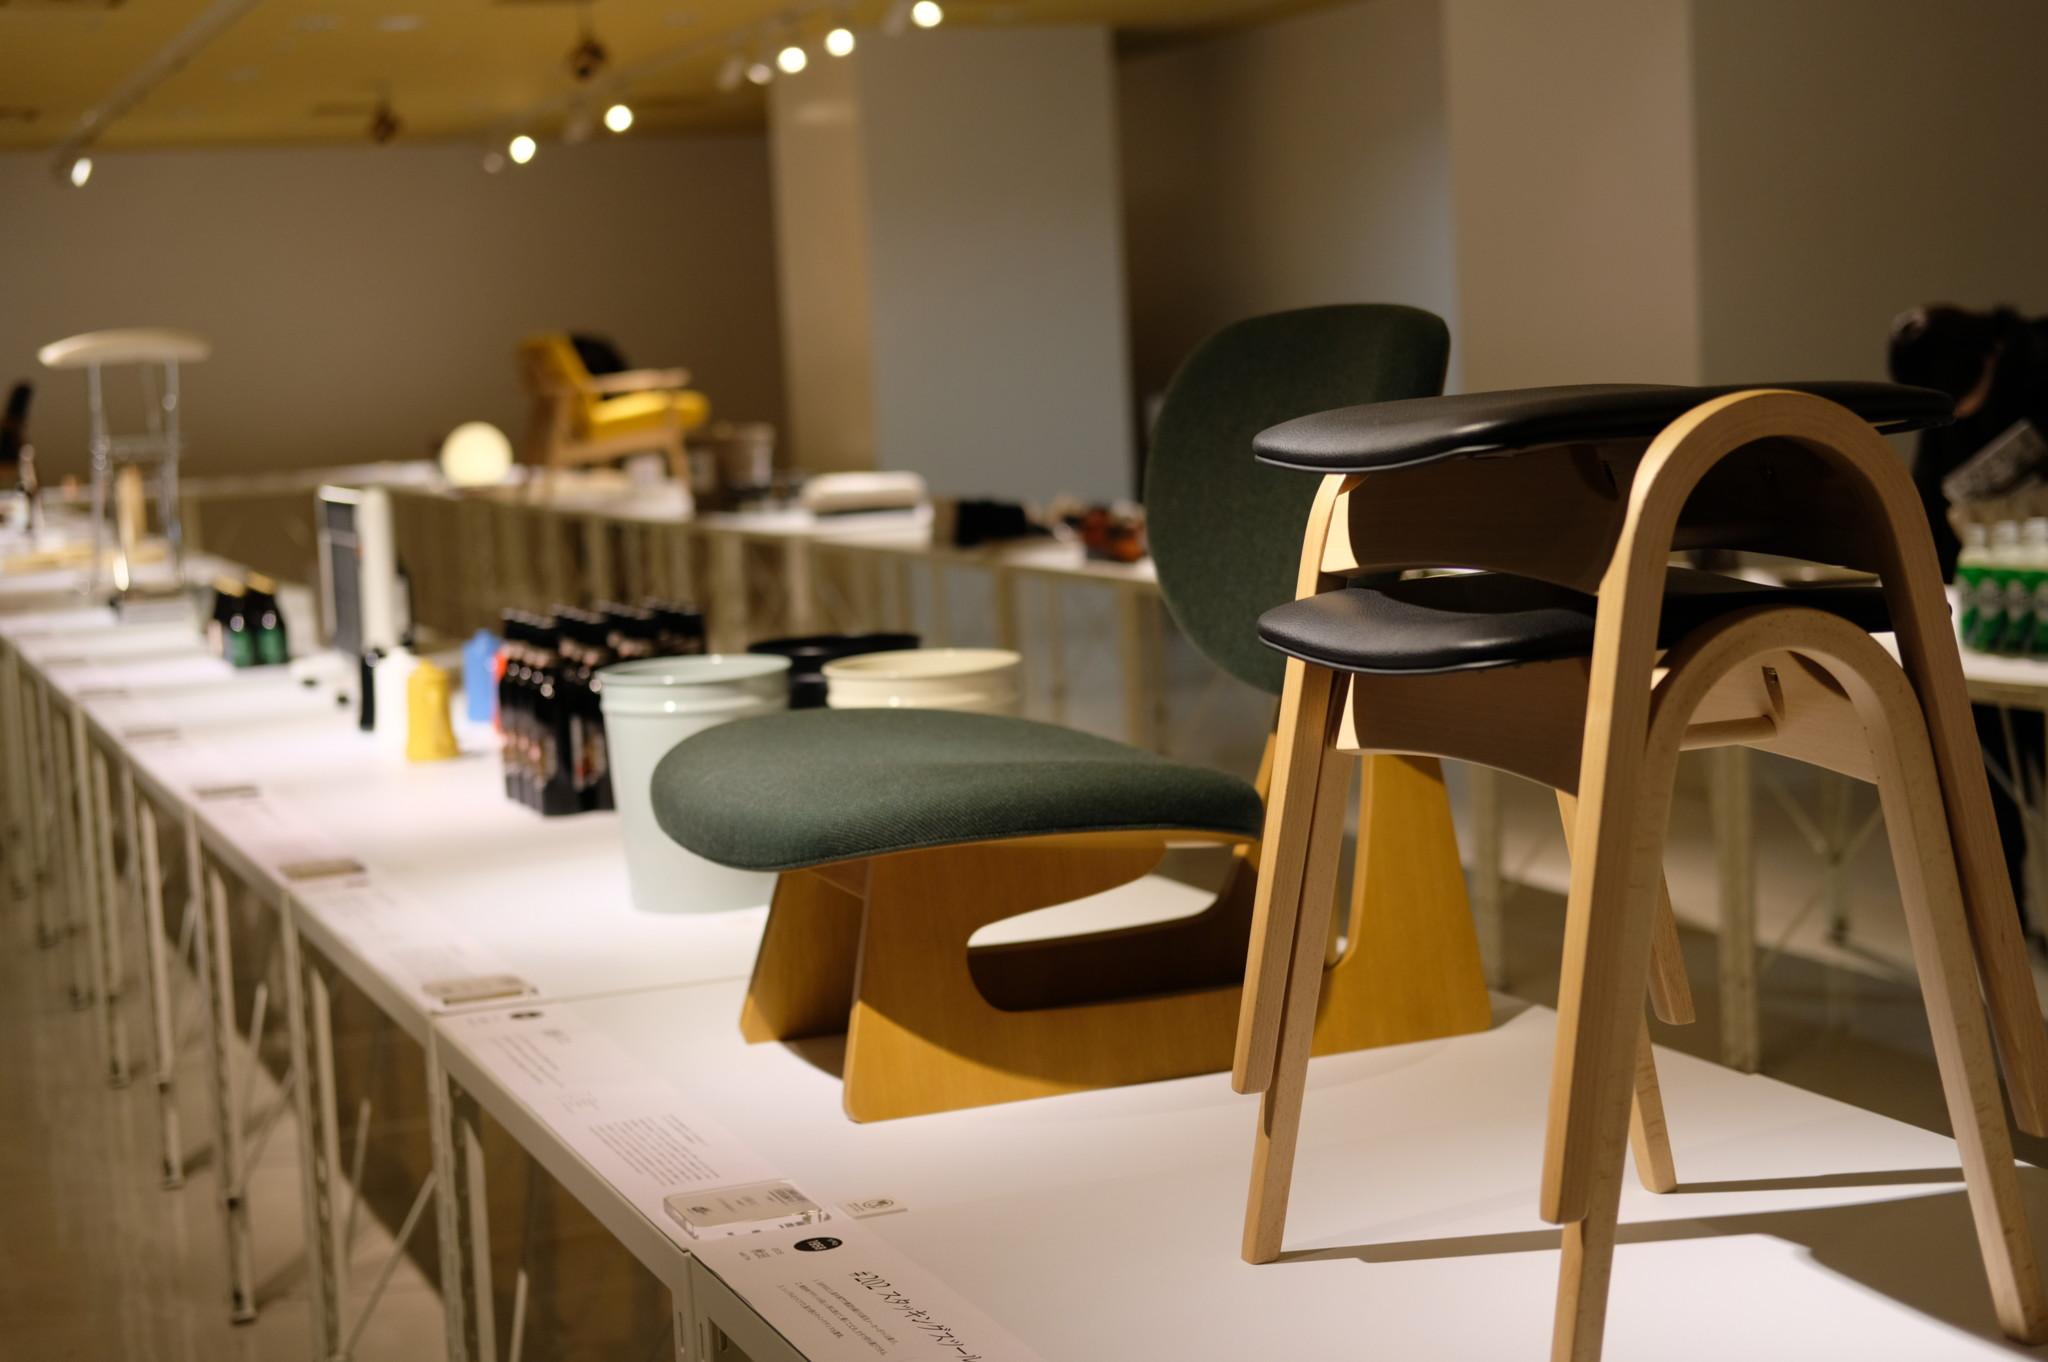 LONG LIFE DESIGN 1 -47都道府県の健やかなデザイン展-@d47 MUSEUM